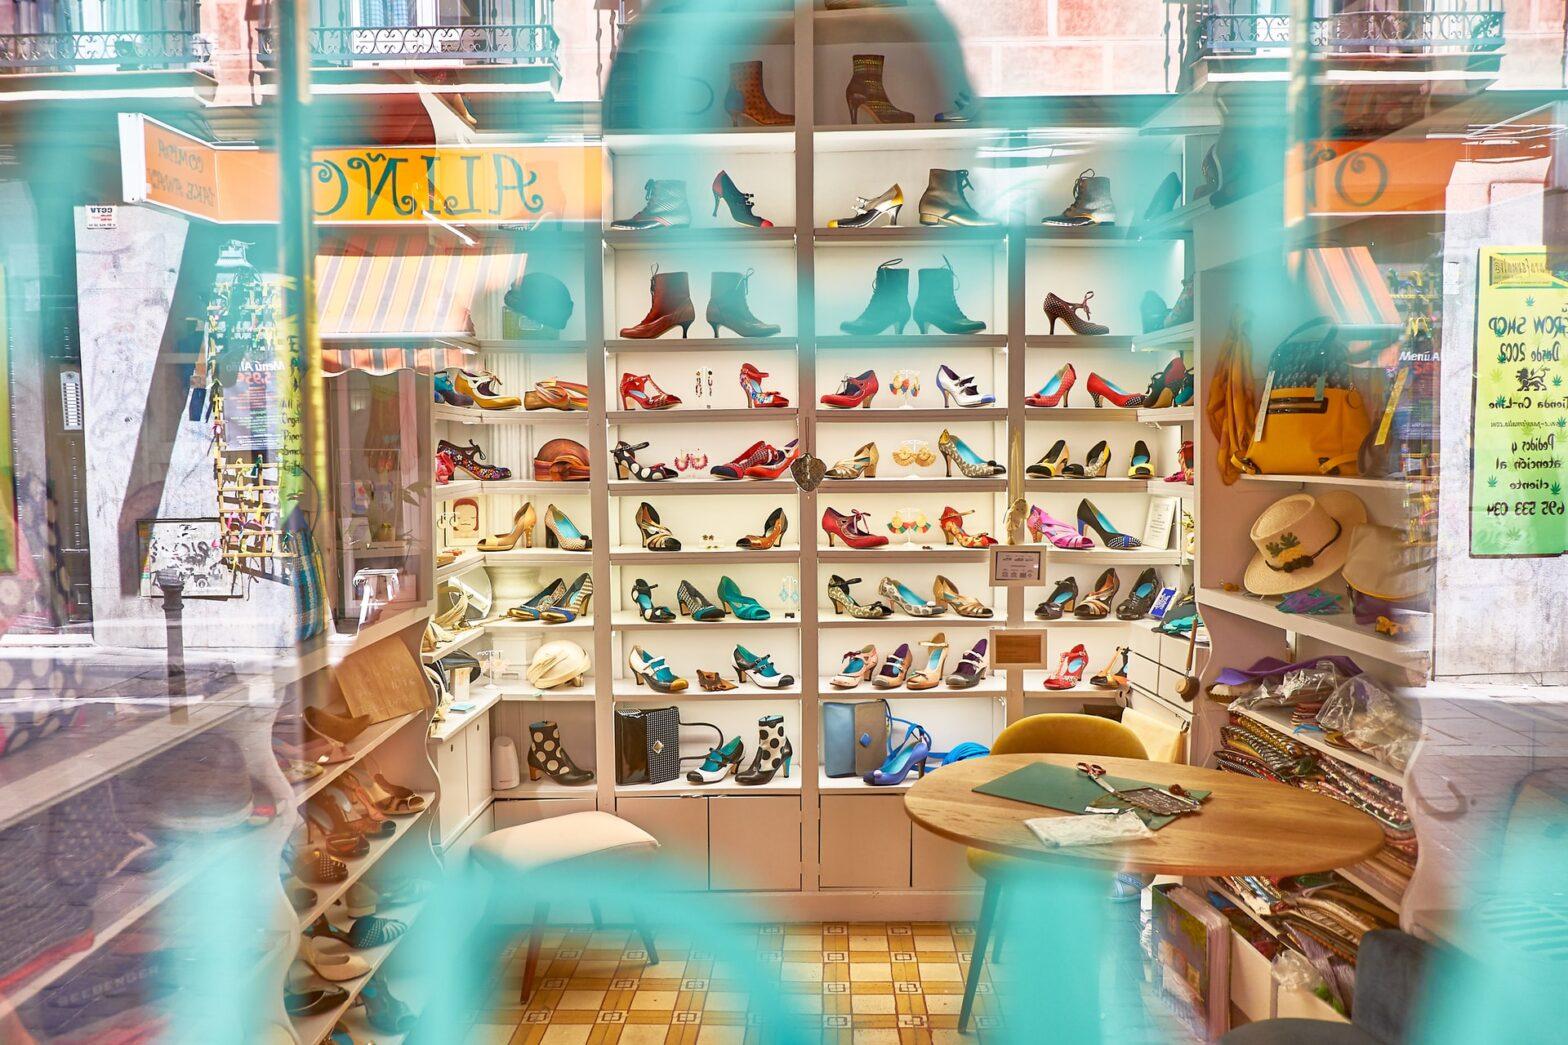 alluce valgo scegliere scarpe